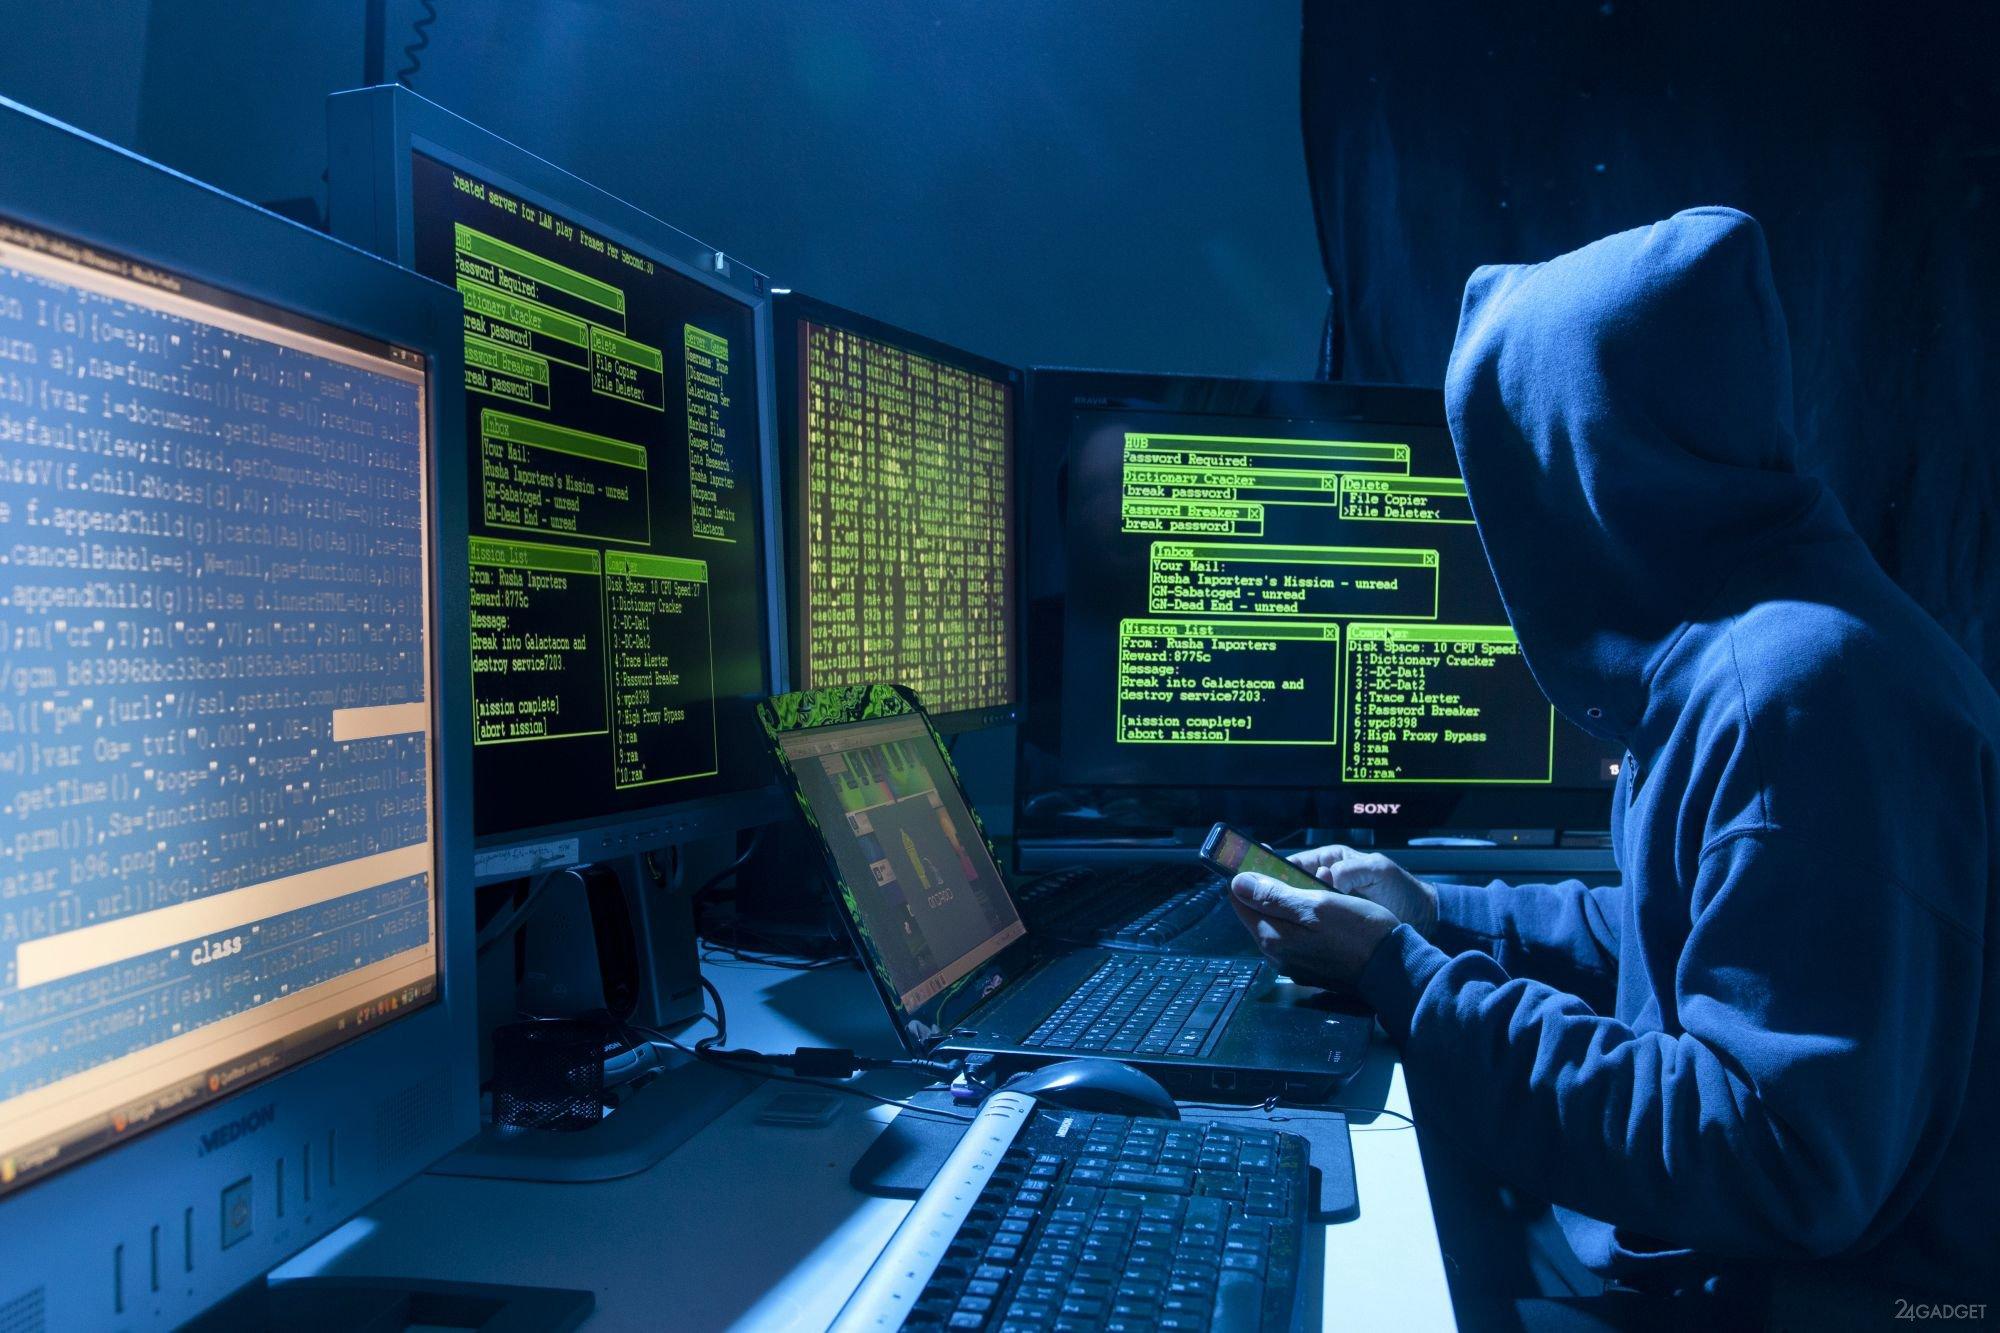 Картинки по запросу Уязвимость сети